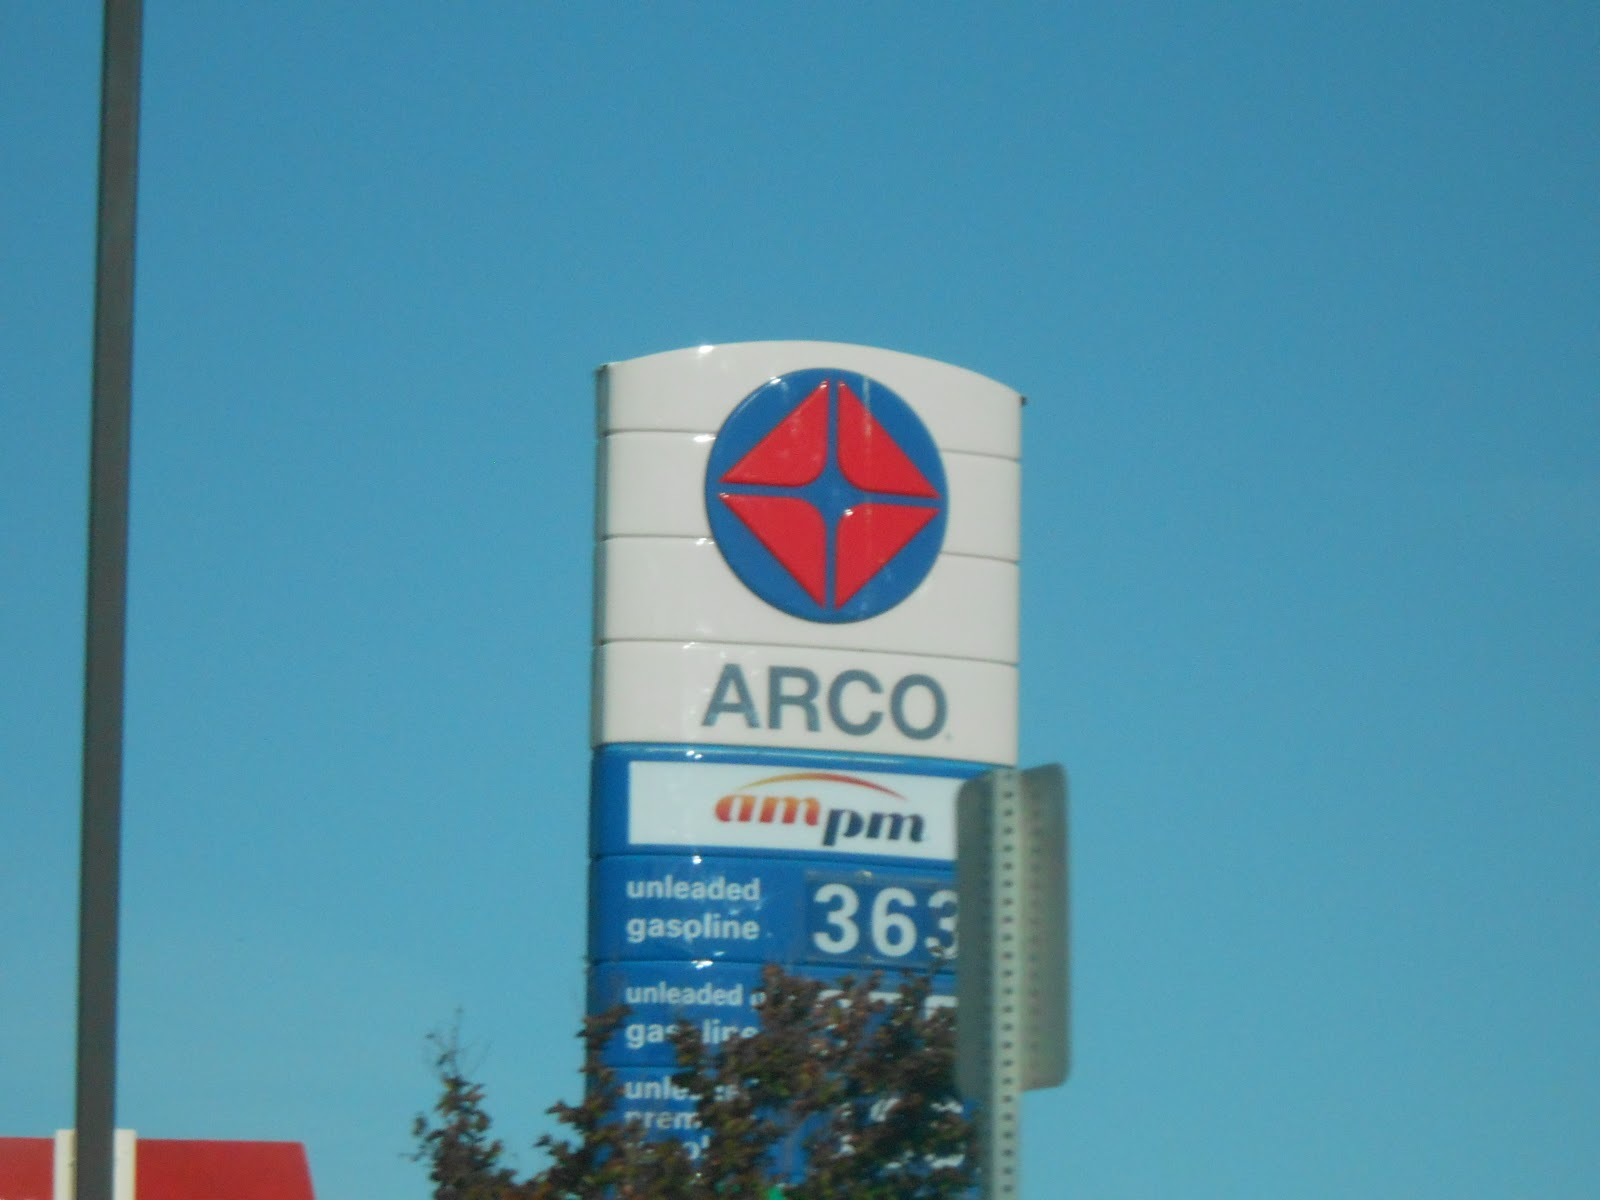 Hayden S Business Blog Arco Ampm In Ripon Is Now Open